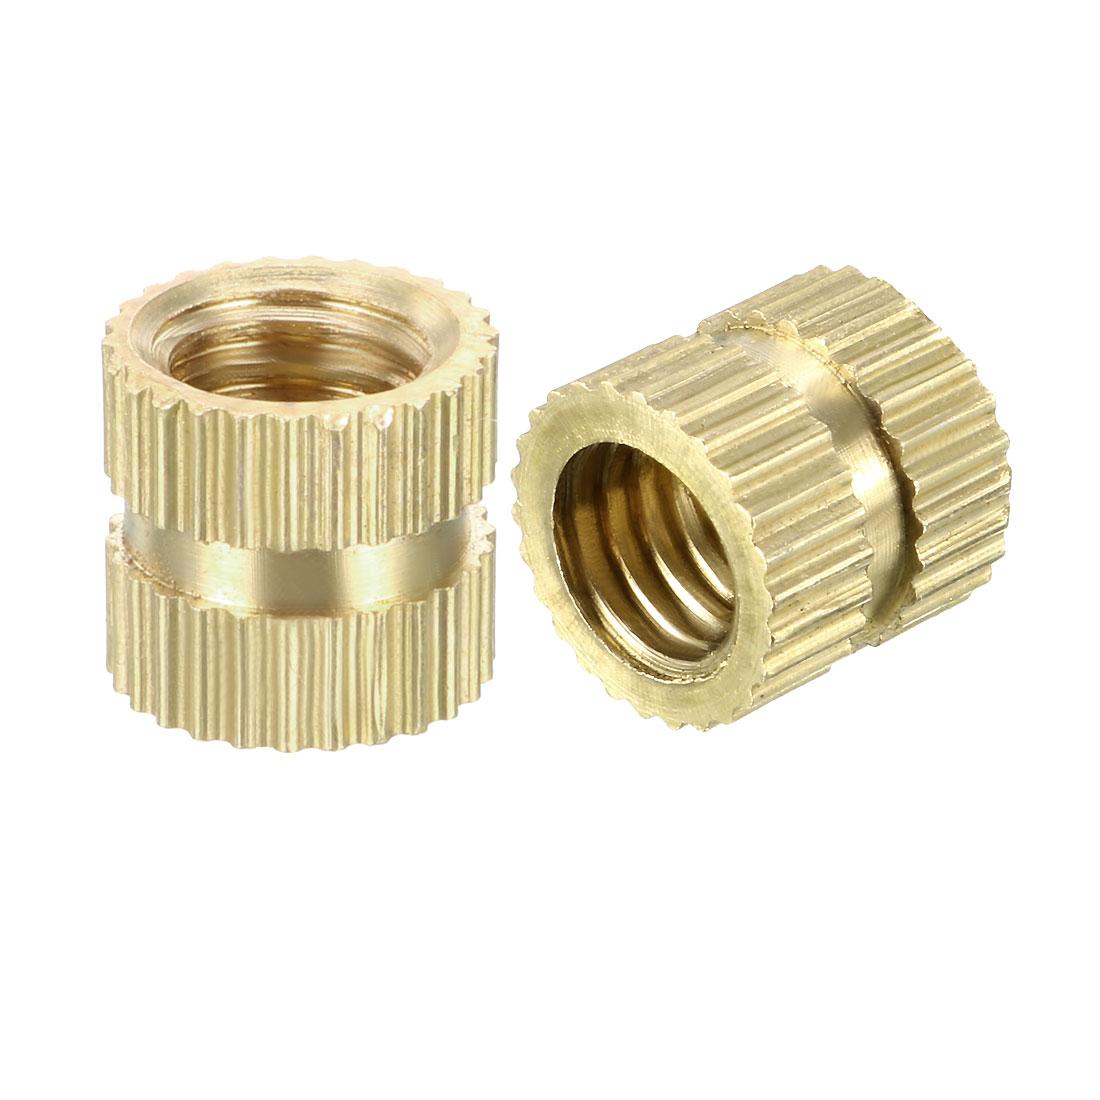 M6 x 8mm(L) x 8.5mm(OD) Brass Knurled Threaded Insert Embedment Nuts, 100 Pcs - image 3 de 3